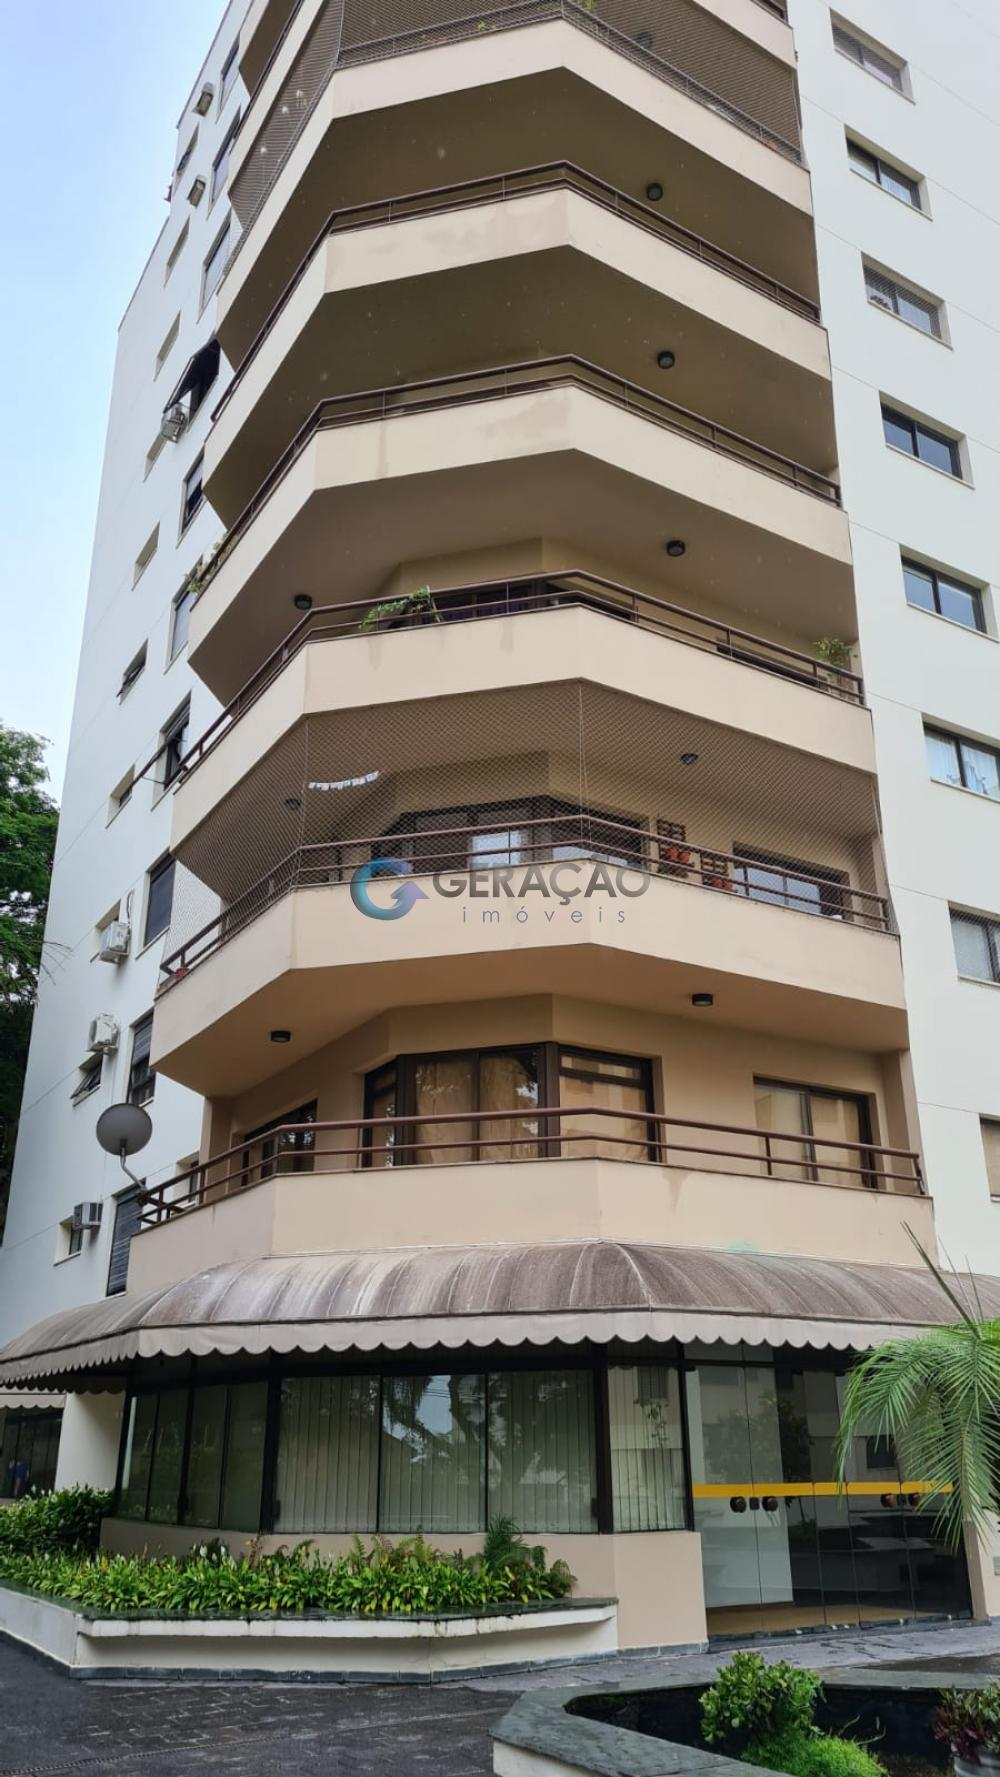 Alugar Apartamento / Padrão em São José dos Campos R$ 3.500,00 - Foto 1